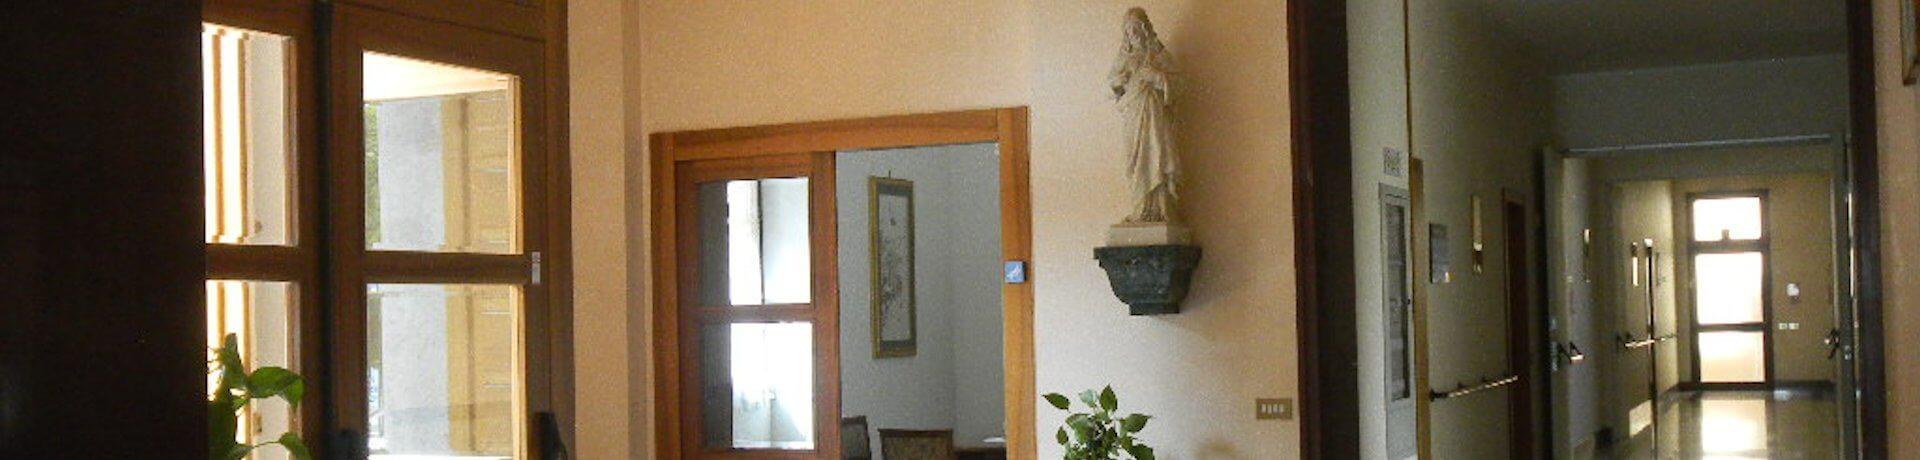 Istituto Sacro Cuore Roma Scuola Sacro Cuore - Interno corridoi